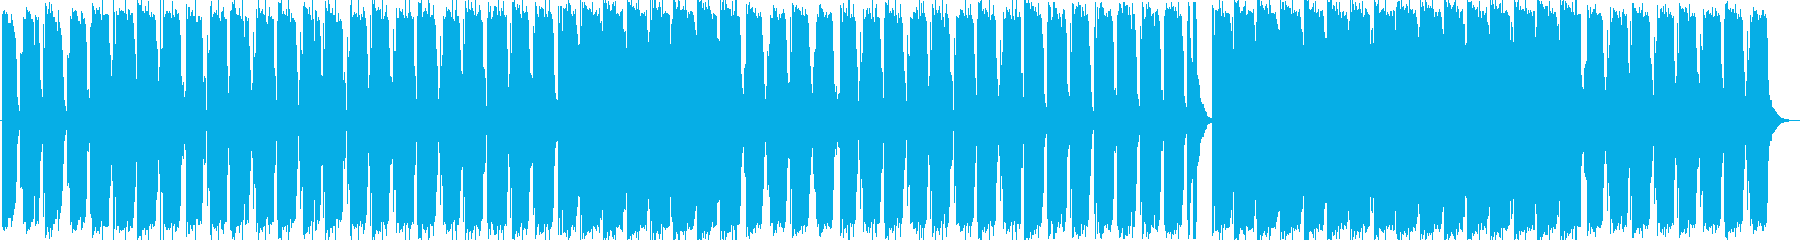 エモくて切ない R&B/HIPHOPの再生済みの波形